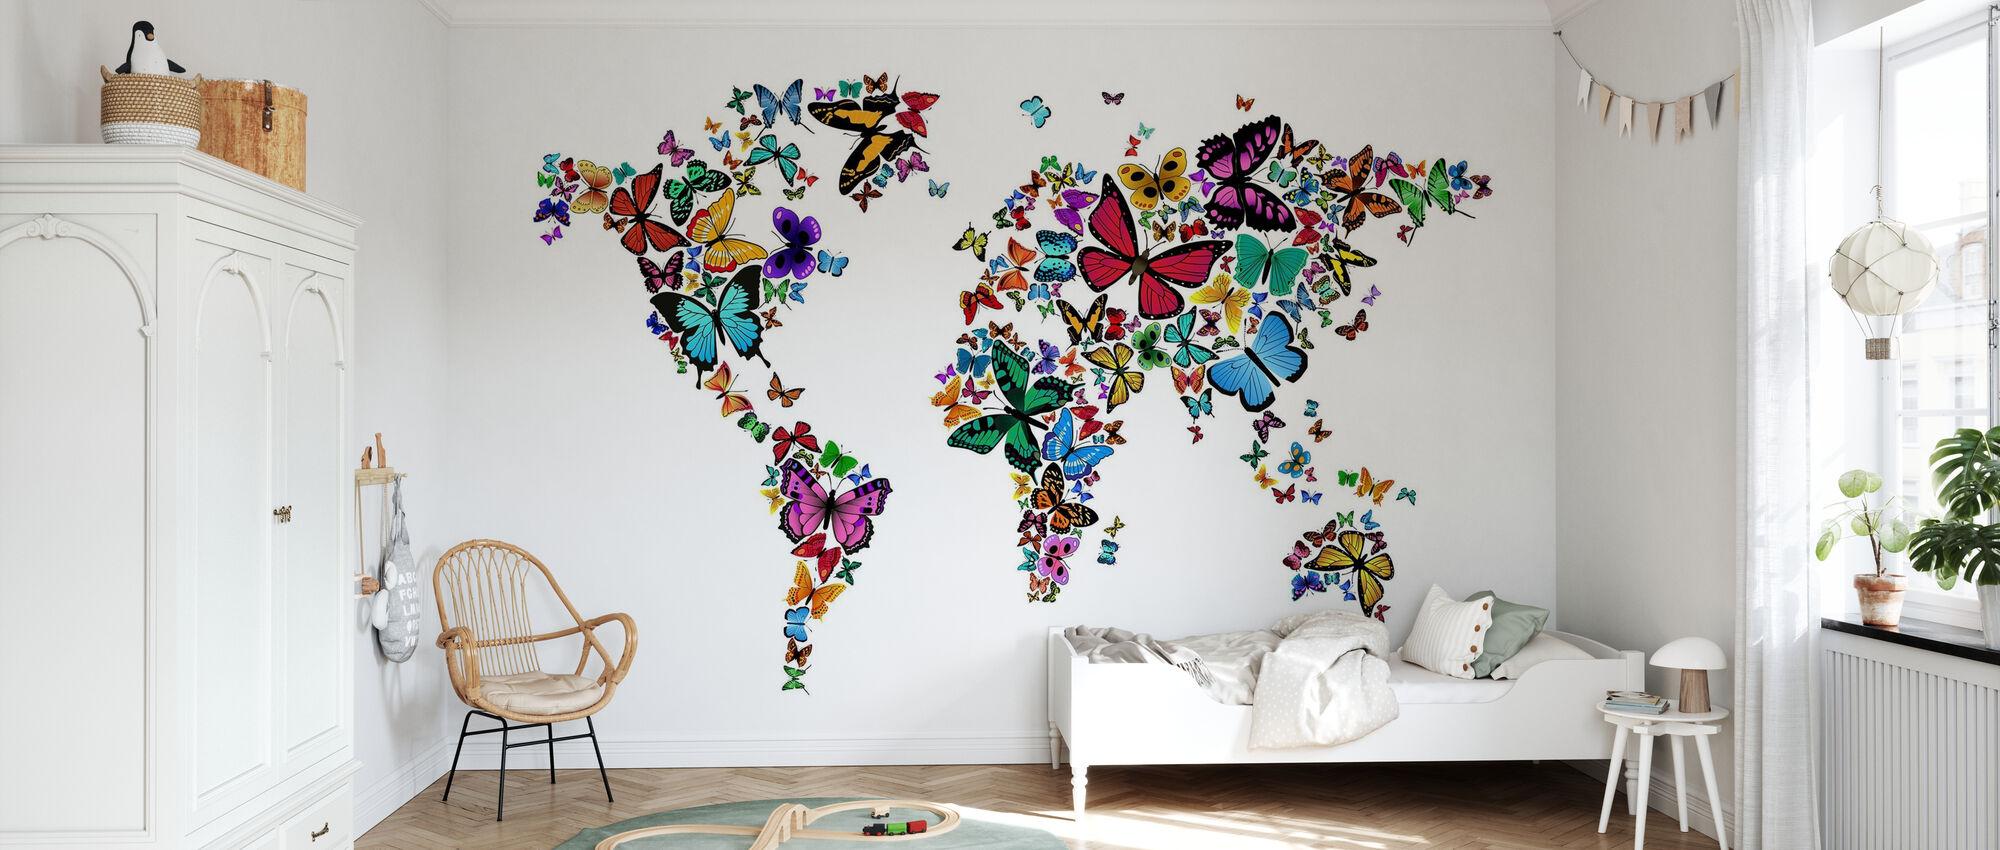 Large Butterflies World Map - Wallpaper - Kids Room